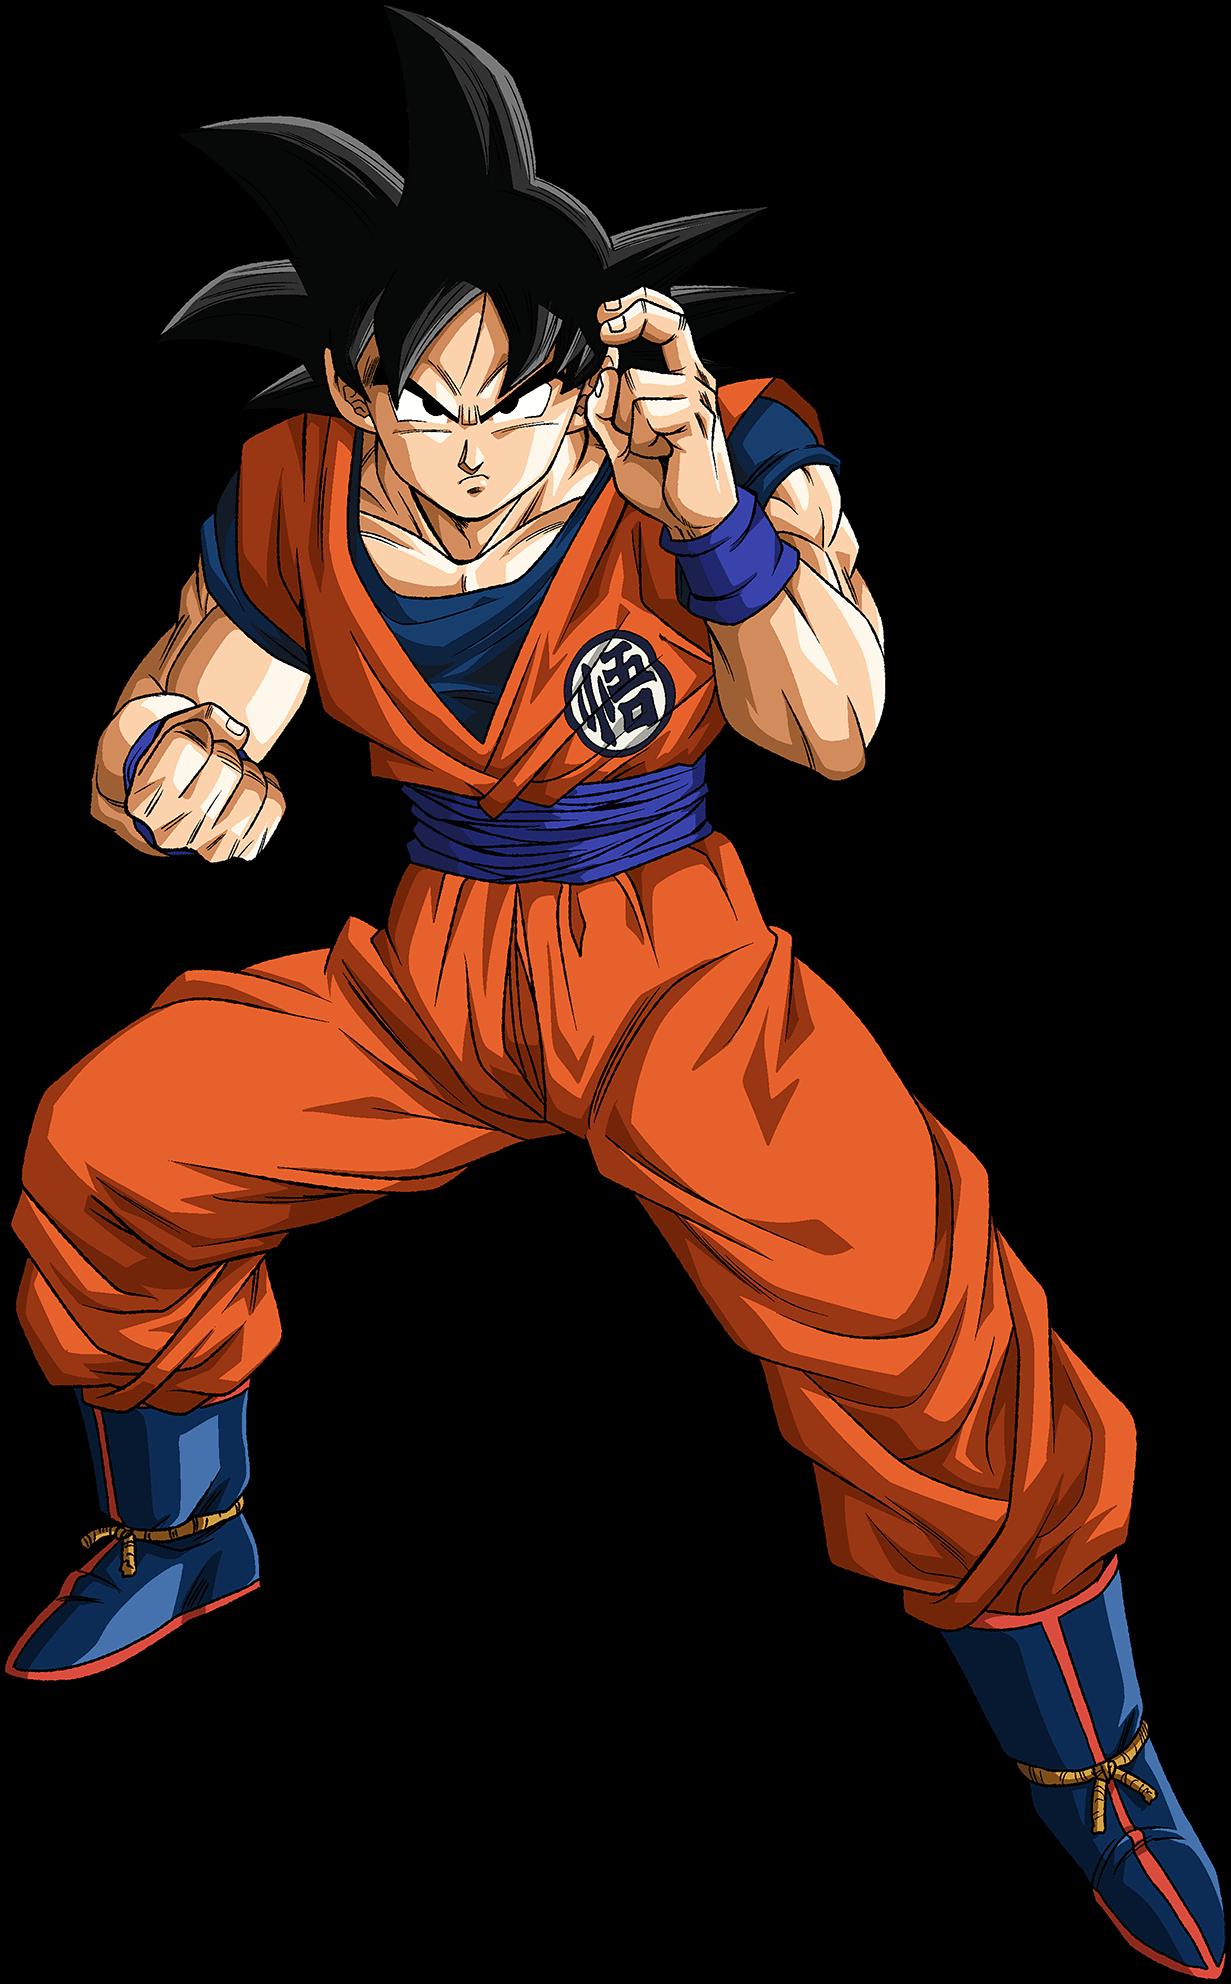 Hassasshijeva gajba Goku_go